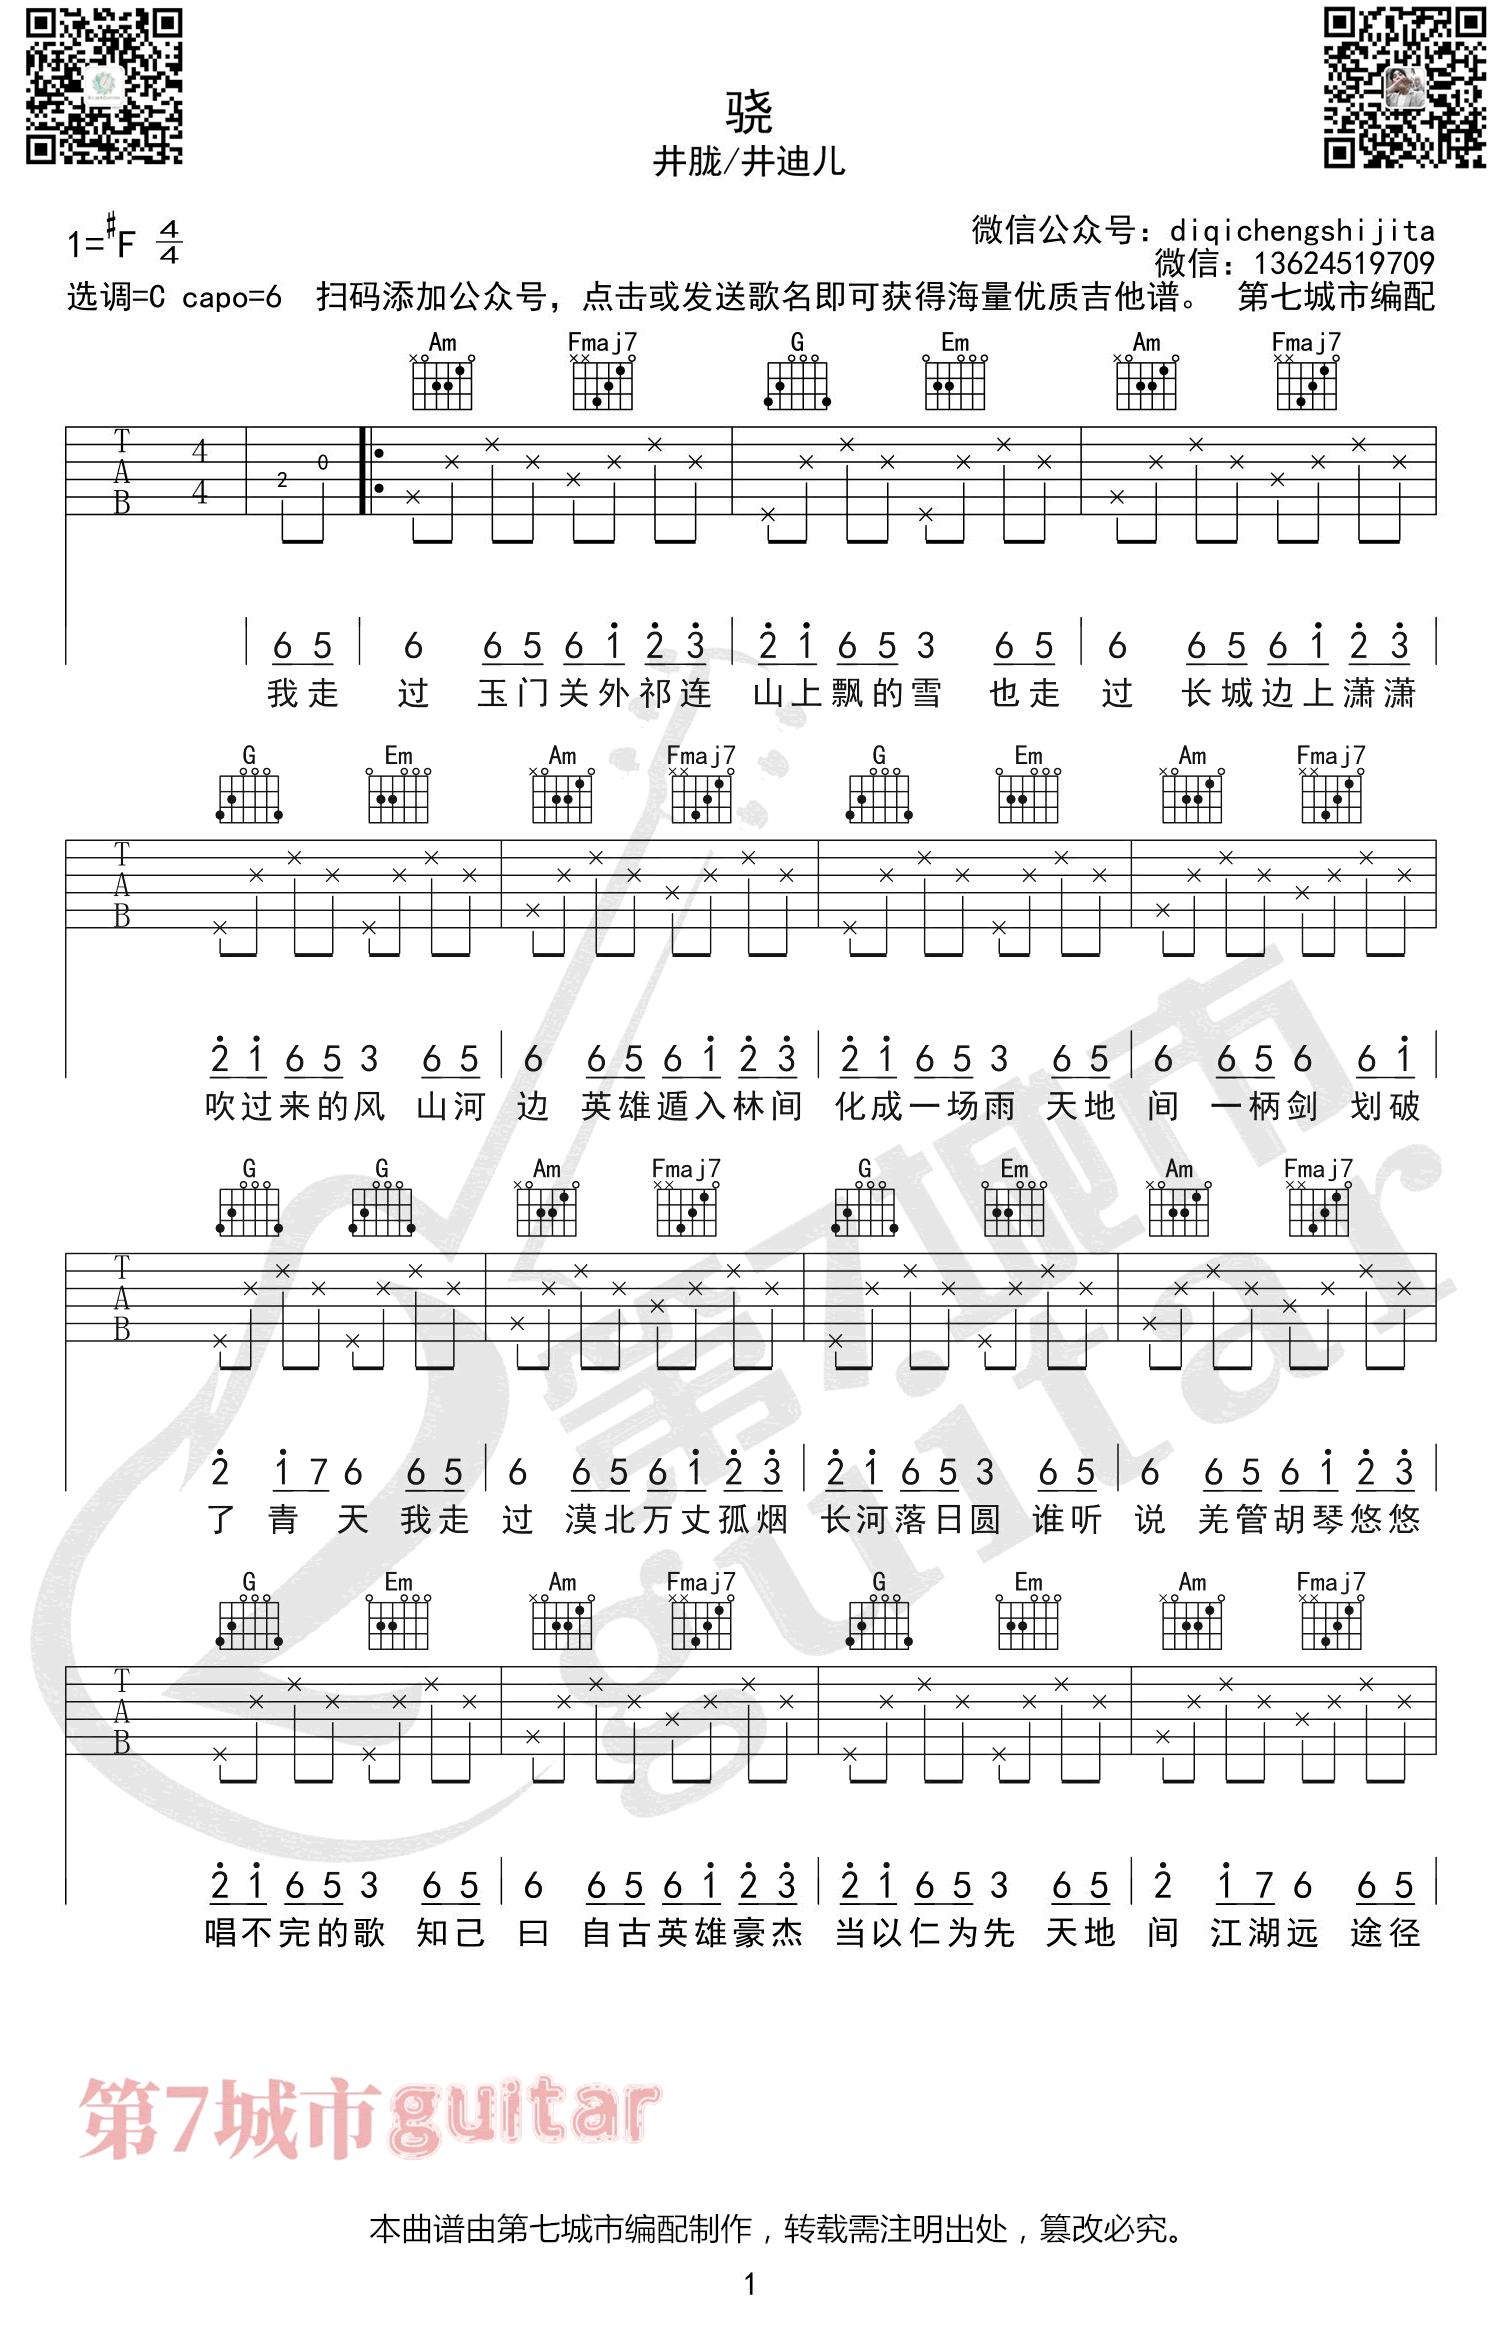 井胧井迪儿-骁吉他谱-1